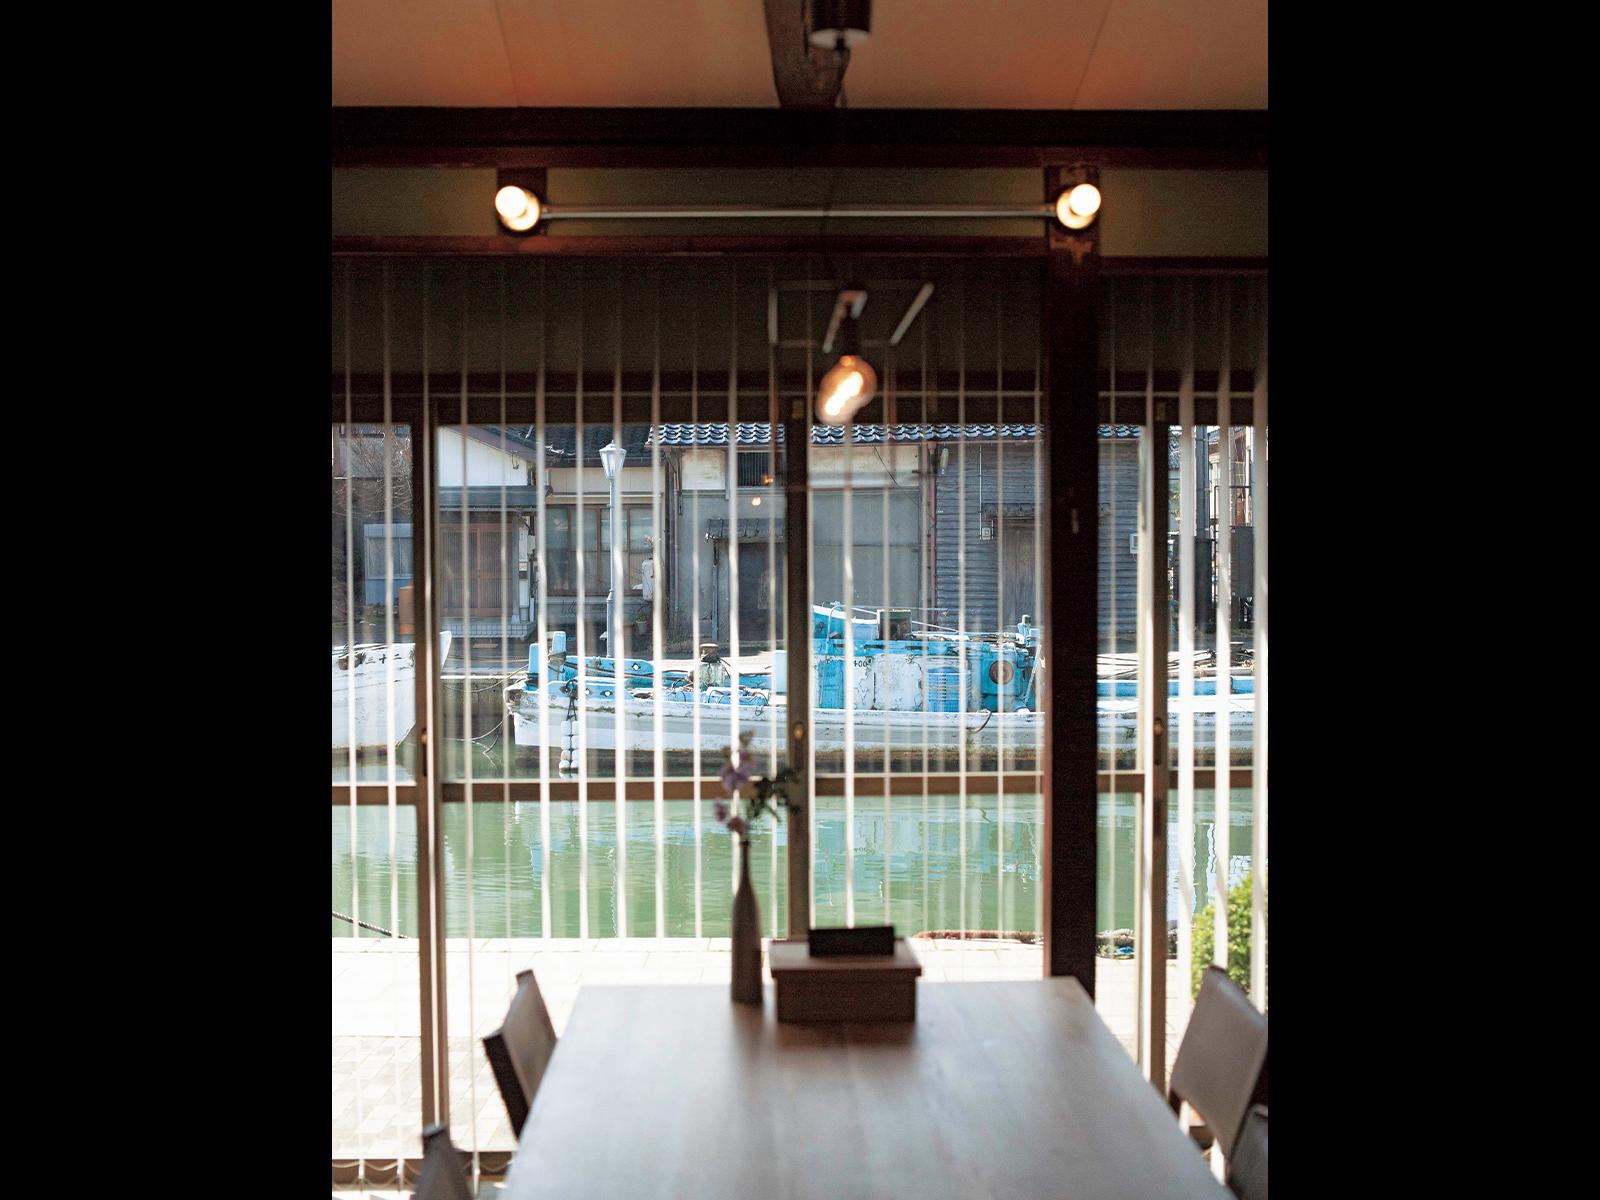 すべてにおいて快適さを追求した設備と空間づくり。案内してくれたのは、同ホテルマネージャー・西田芽以さん。